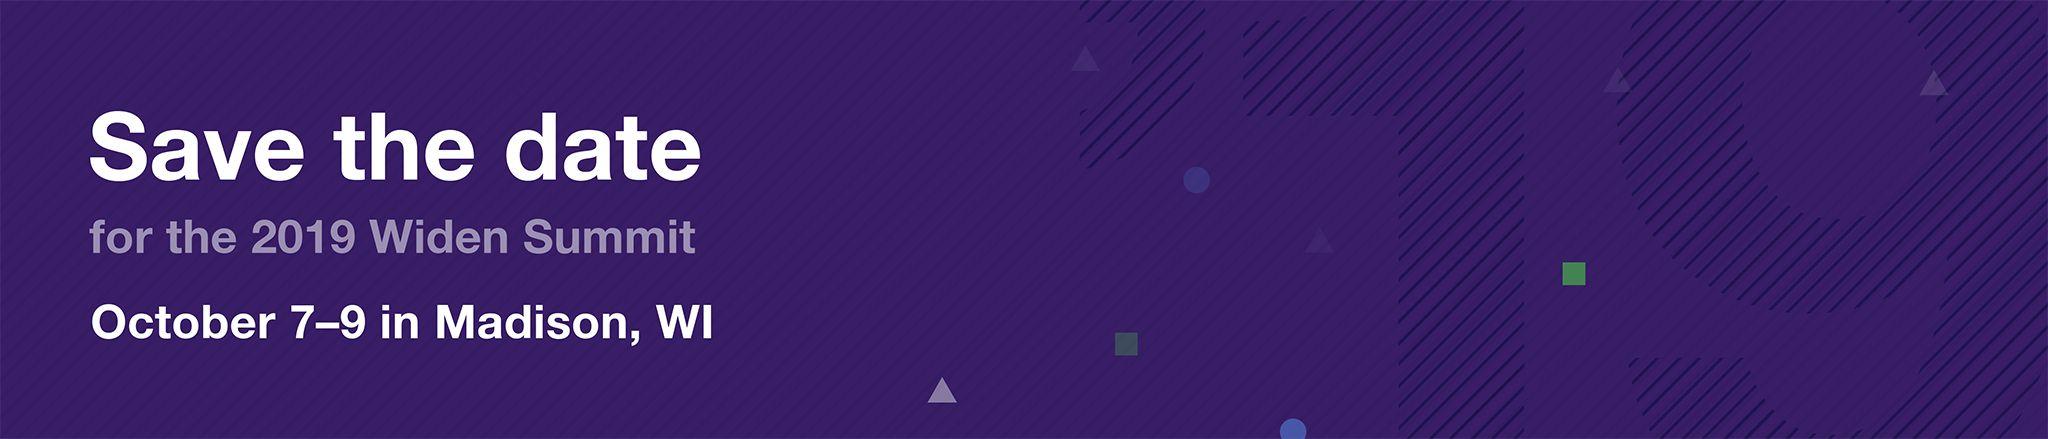 Widen Summit 2018 Register Now Email Banner 700x150